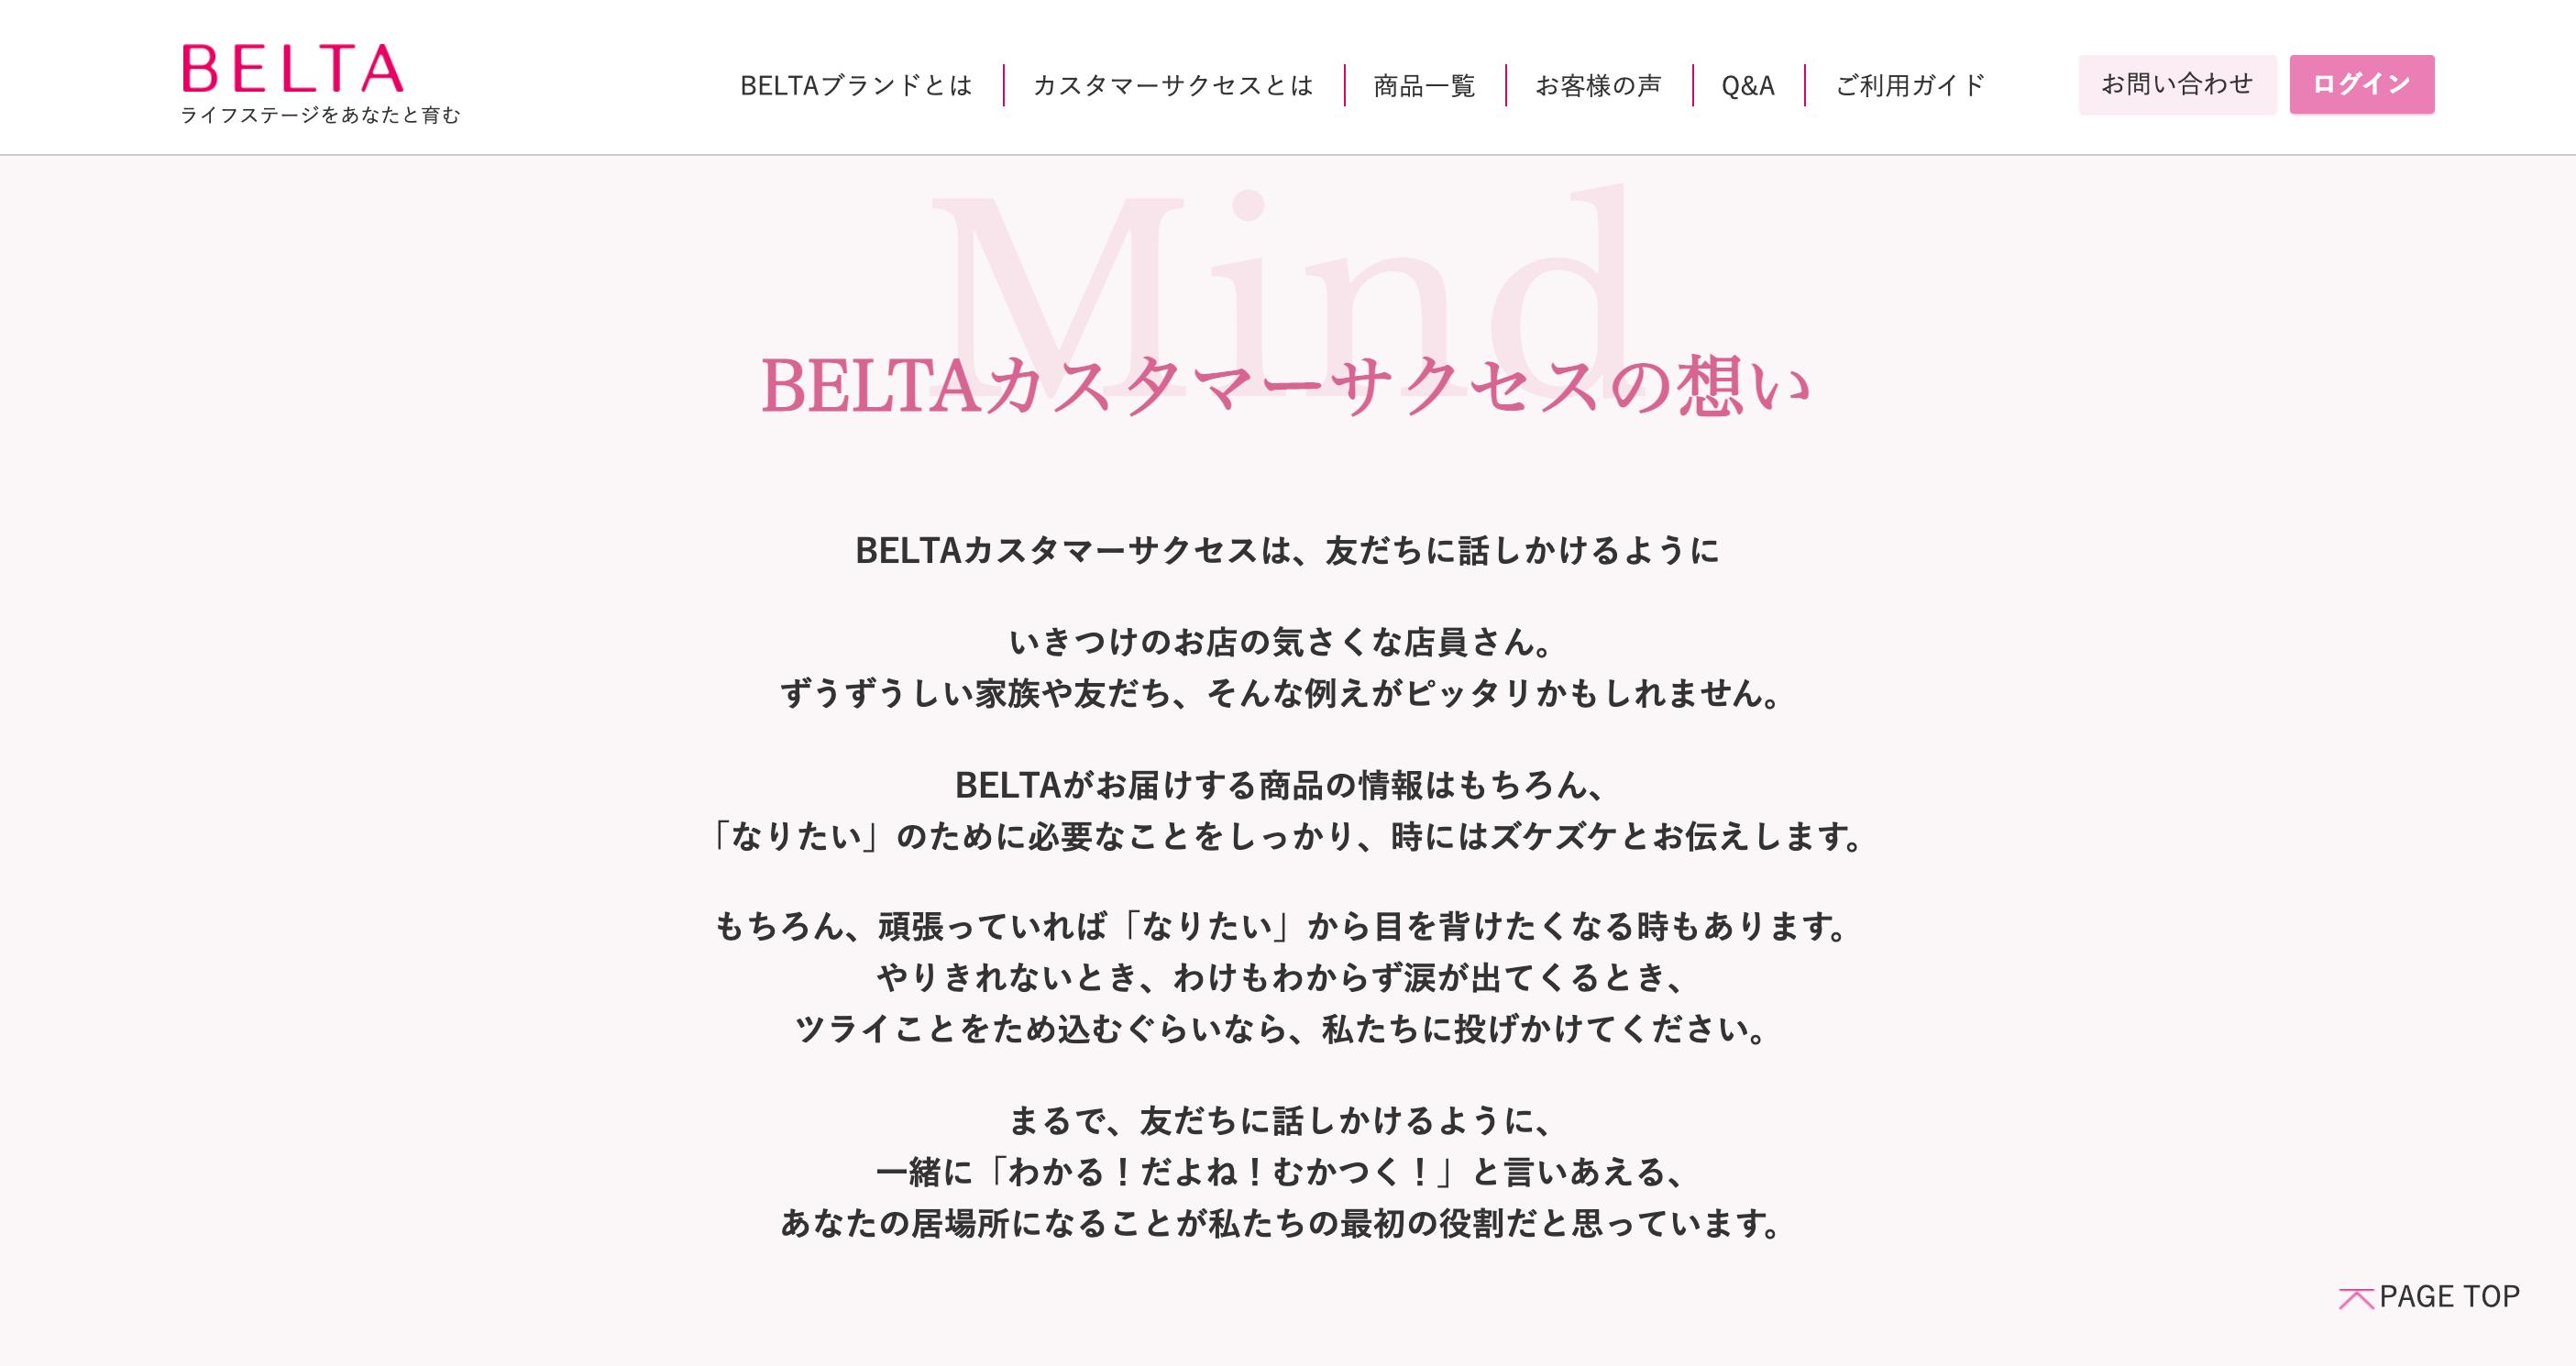 BELTAカスタマーサクセスについて ベルタ公式ショップ